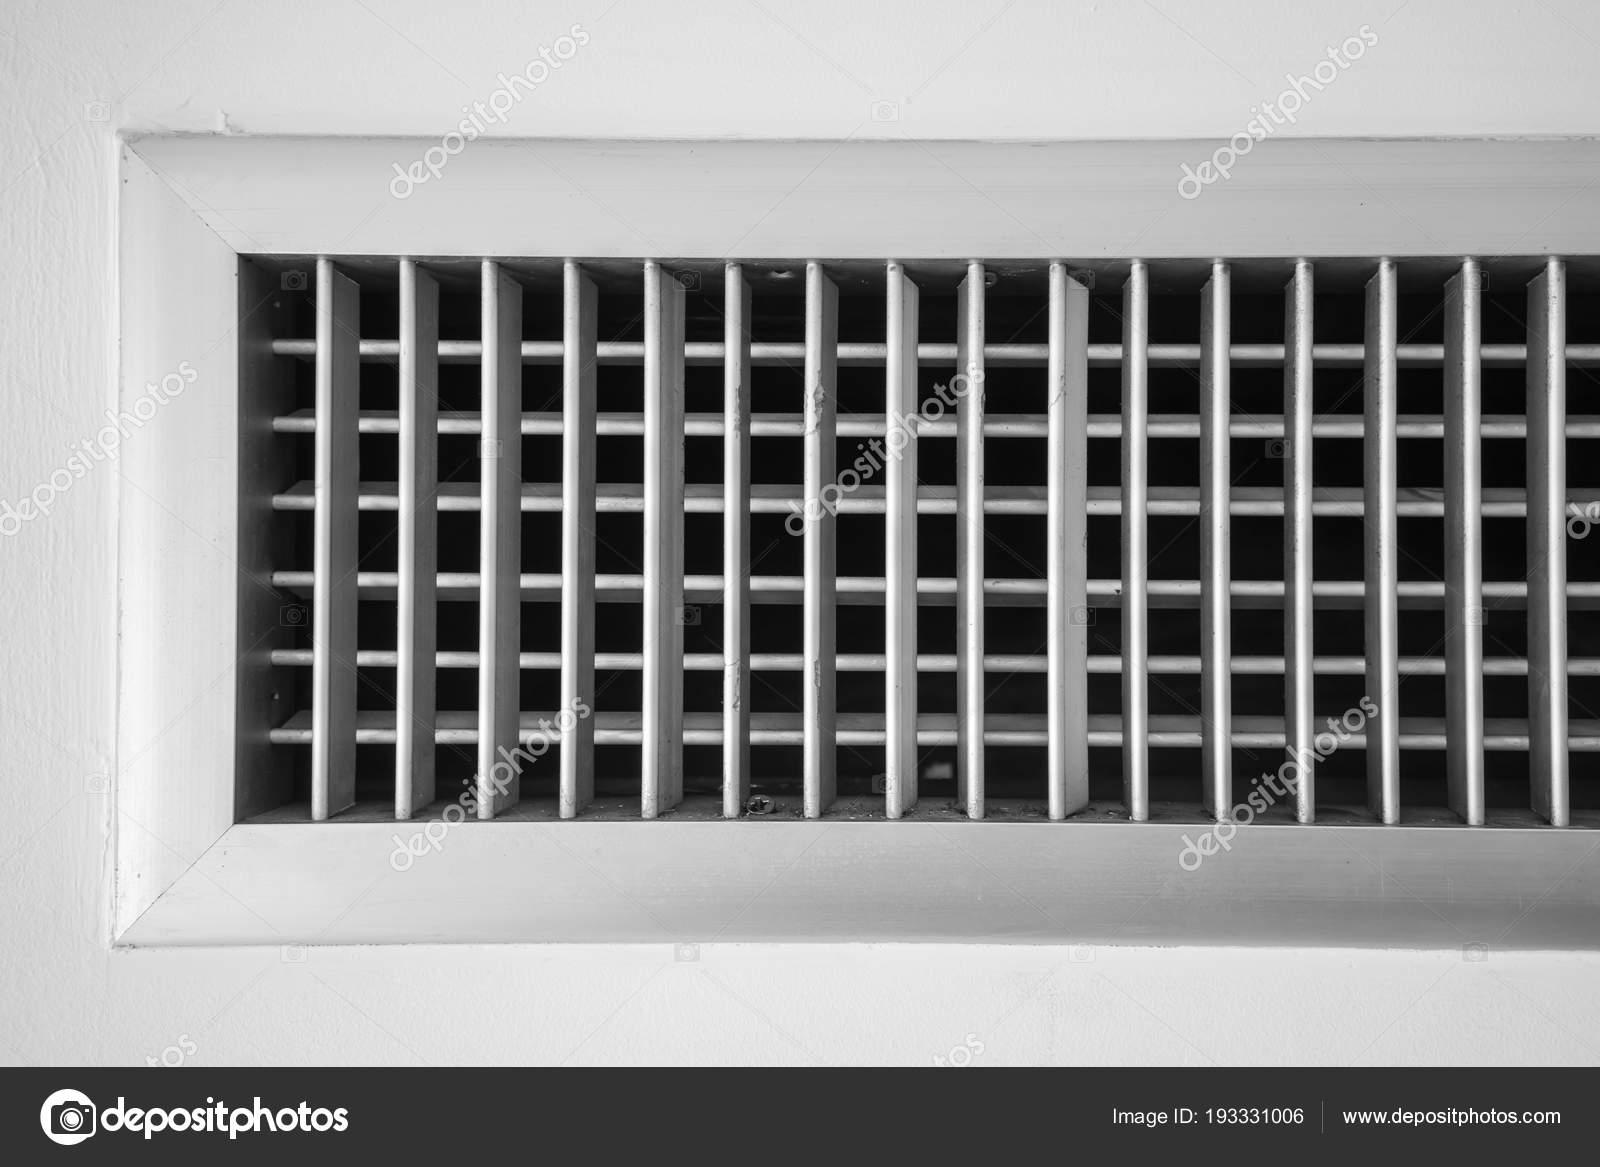 ventilador de aire, marco de listón metálico de pared blanca — Fotos ...